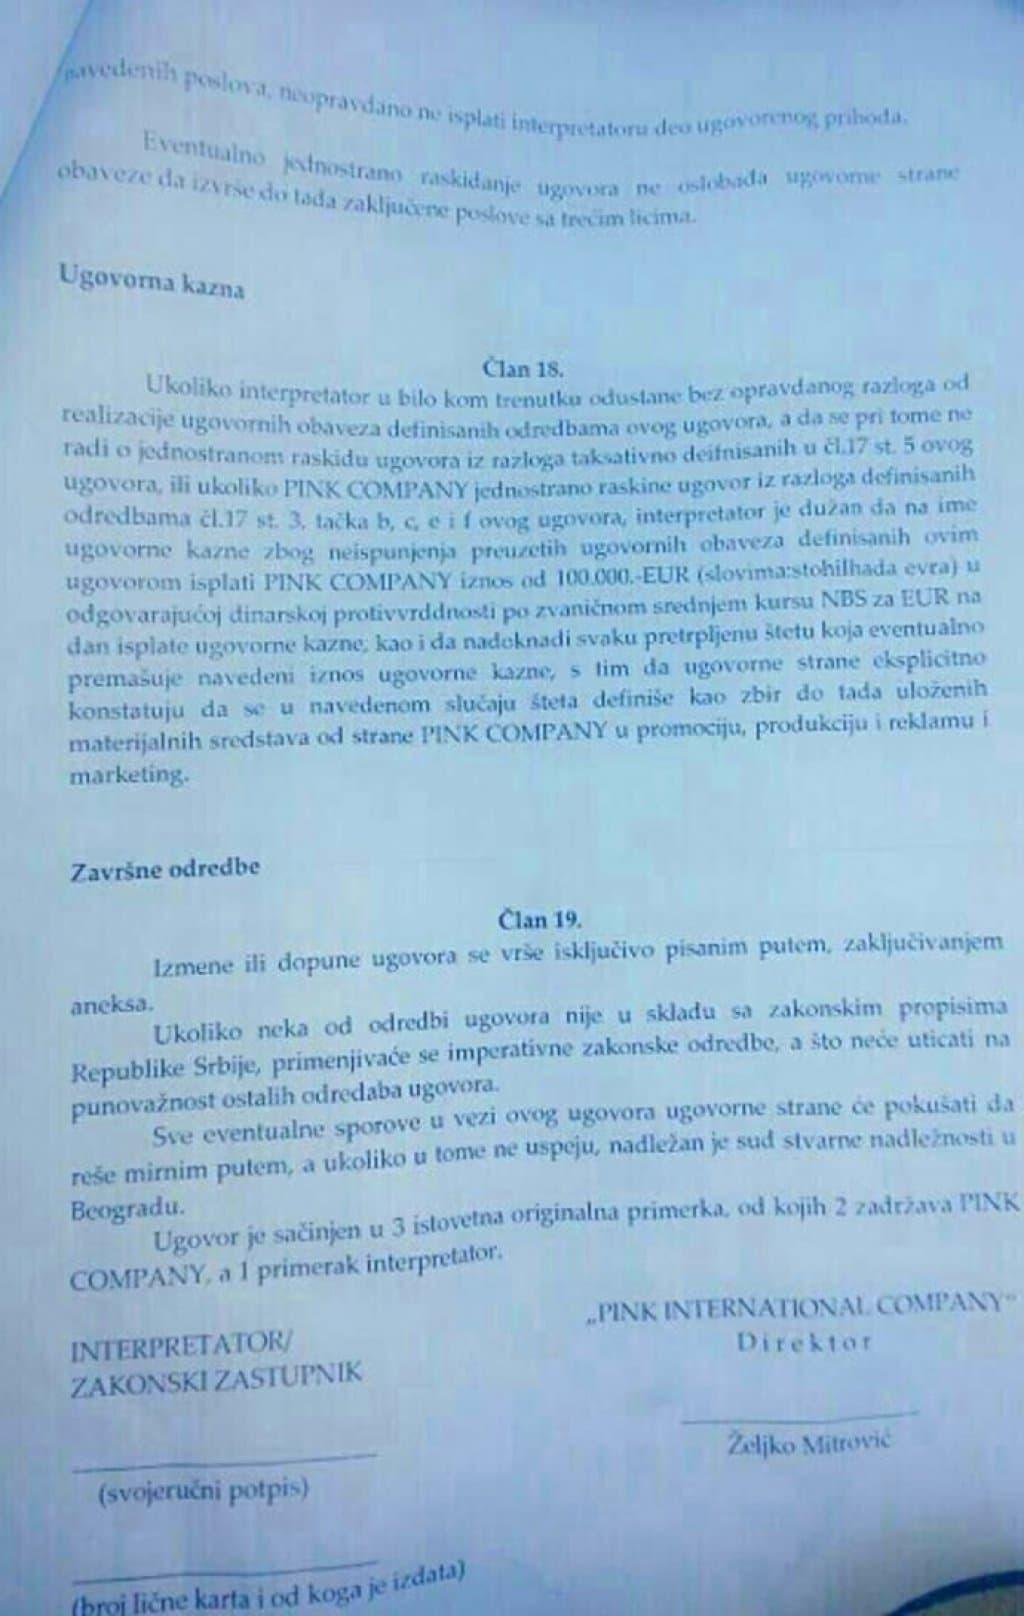 Fotografija ugovora koju je portalu 'Analitika' poslao jedan od roditelja (foto: Portal Analitika)